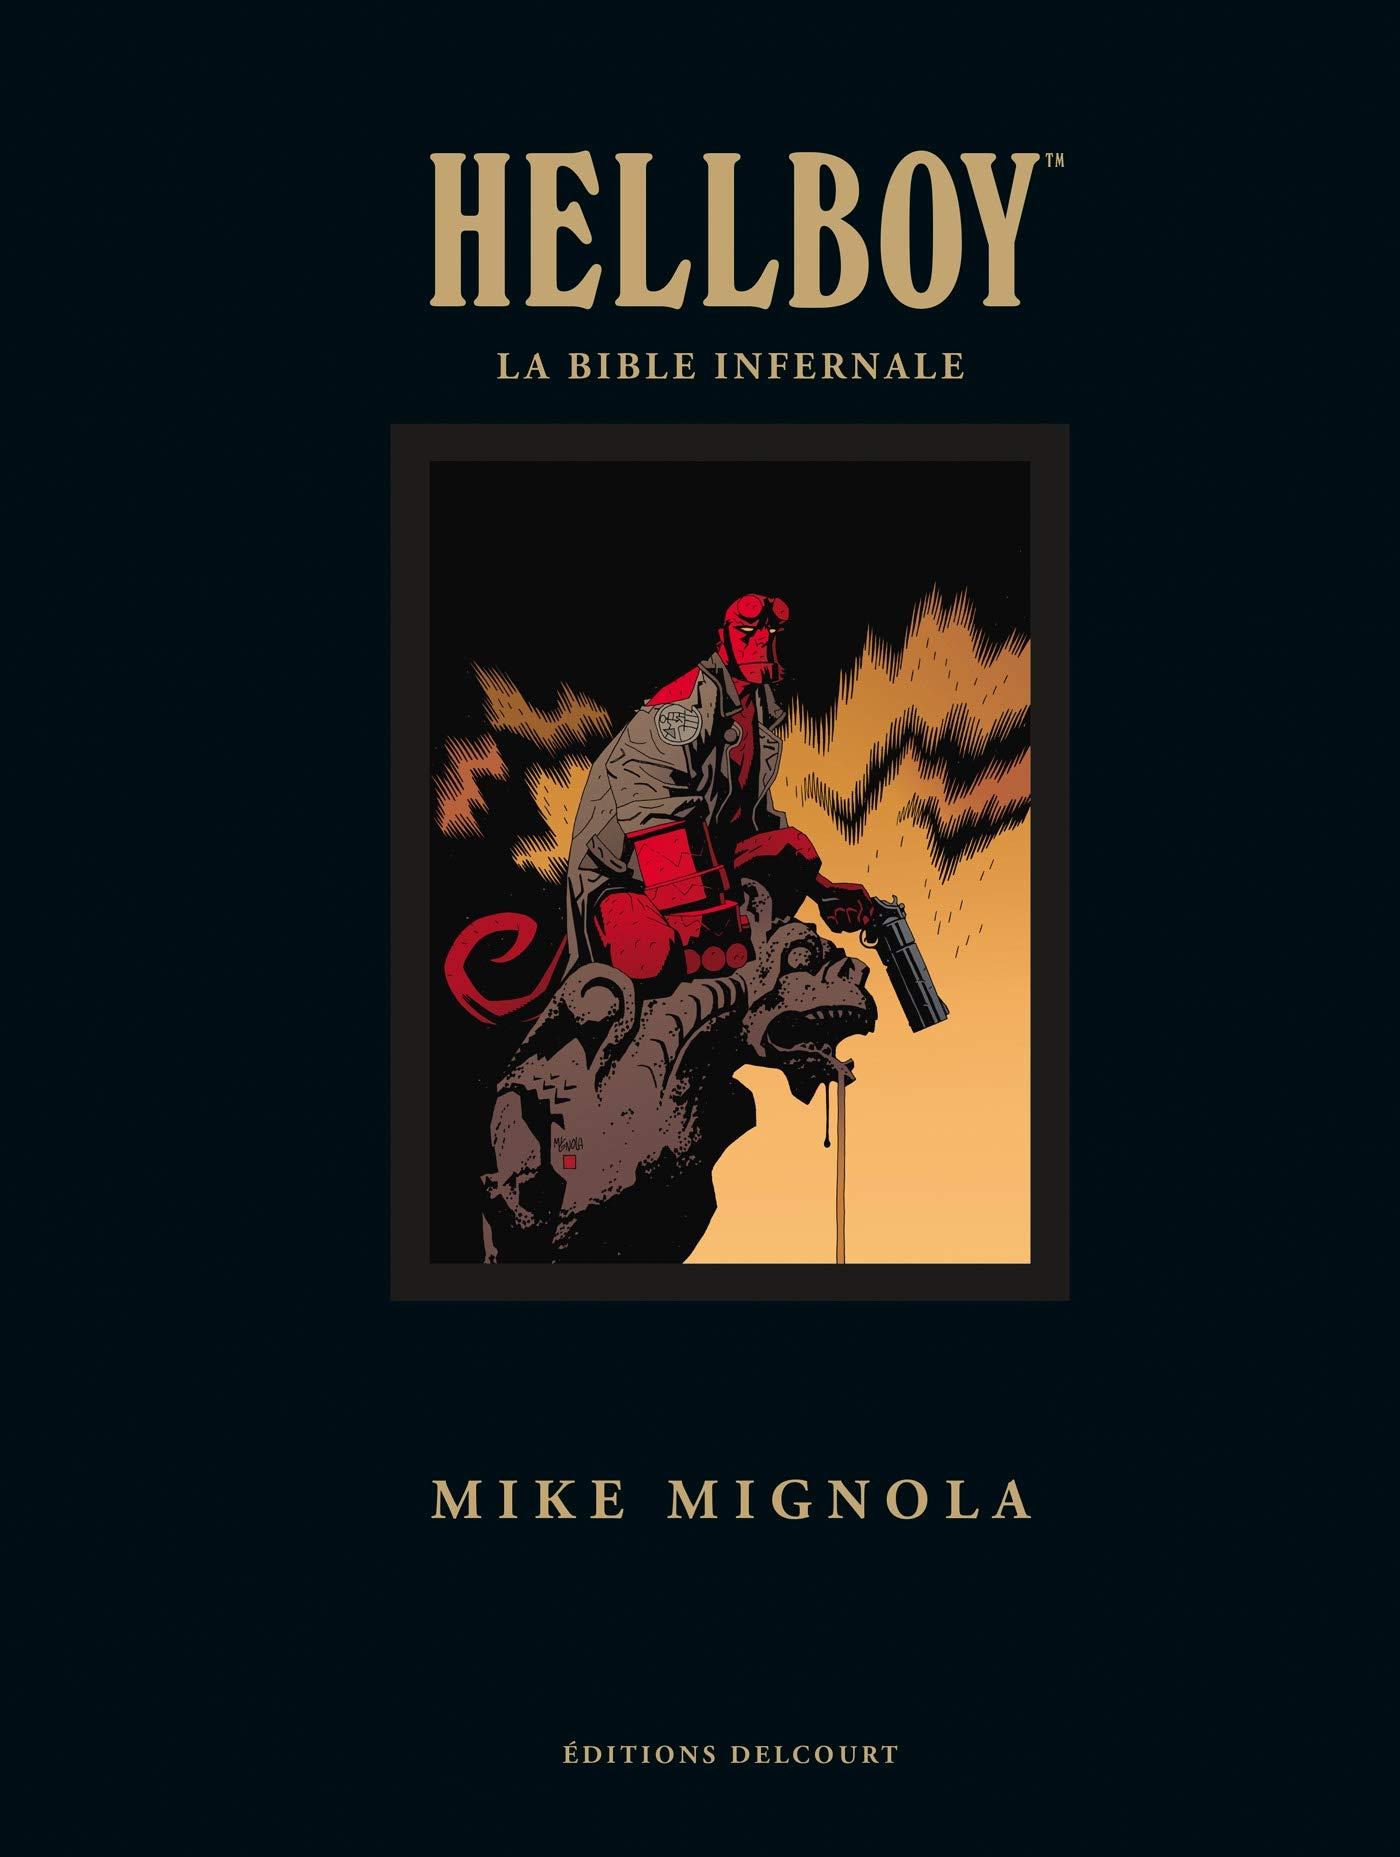 Hellboy - La Bible infernale (Nouvelle édition)